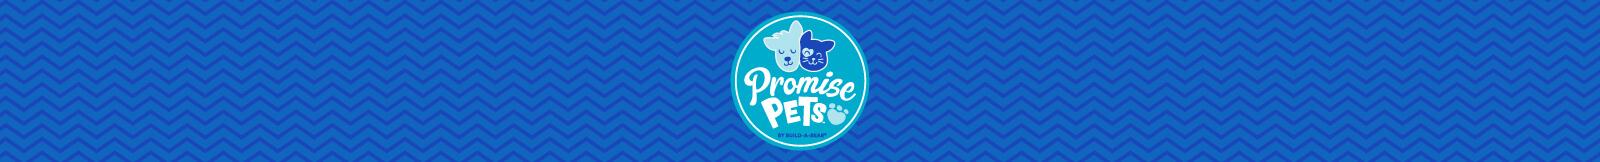 Promise Pets